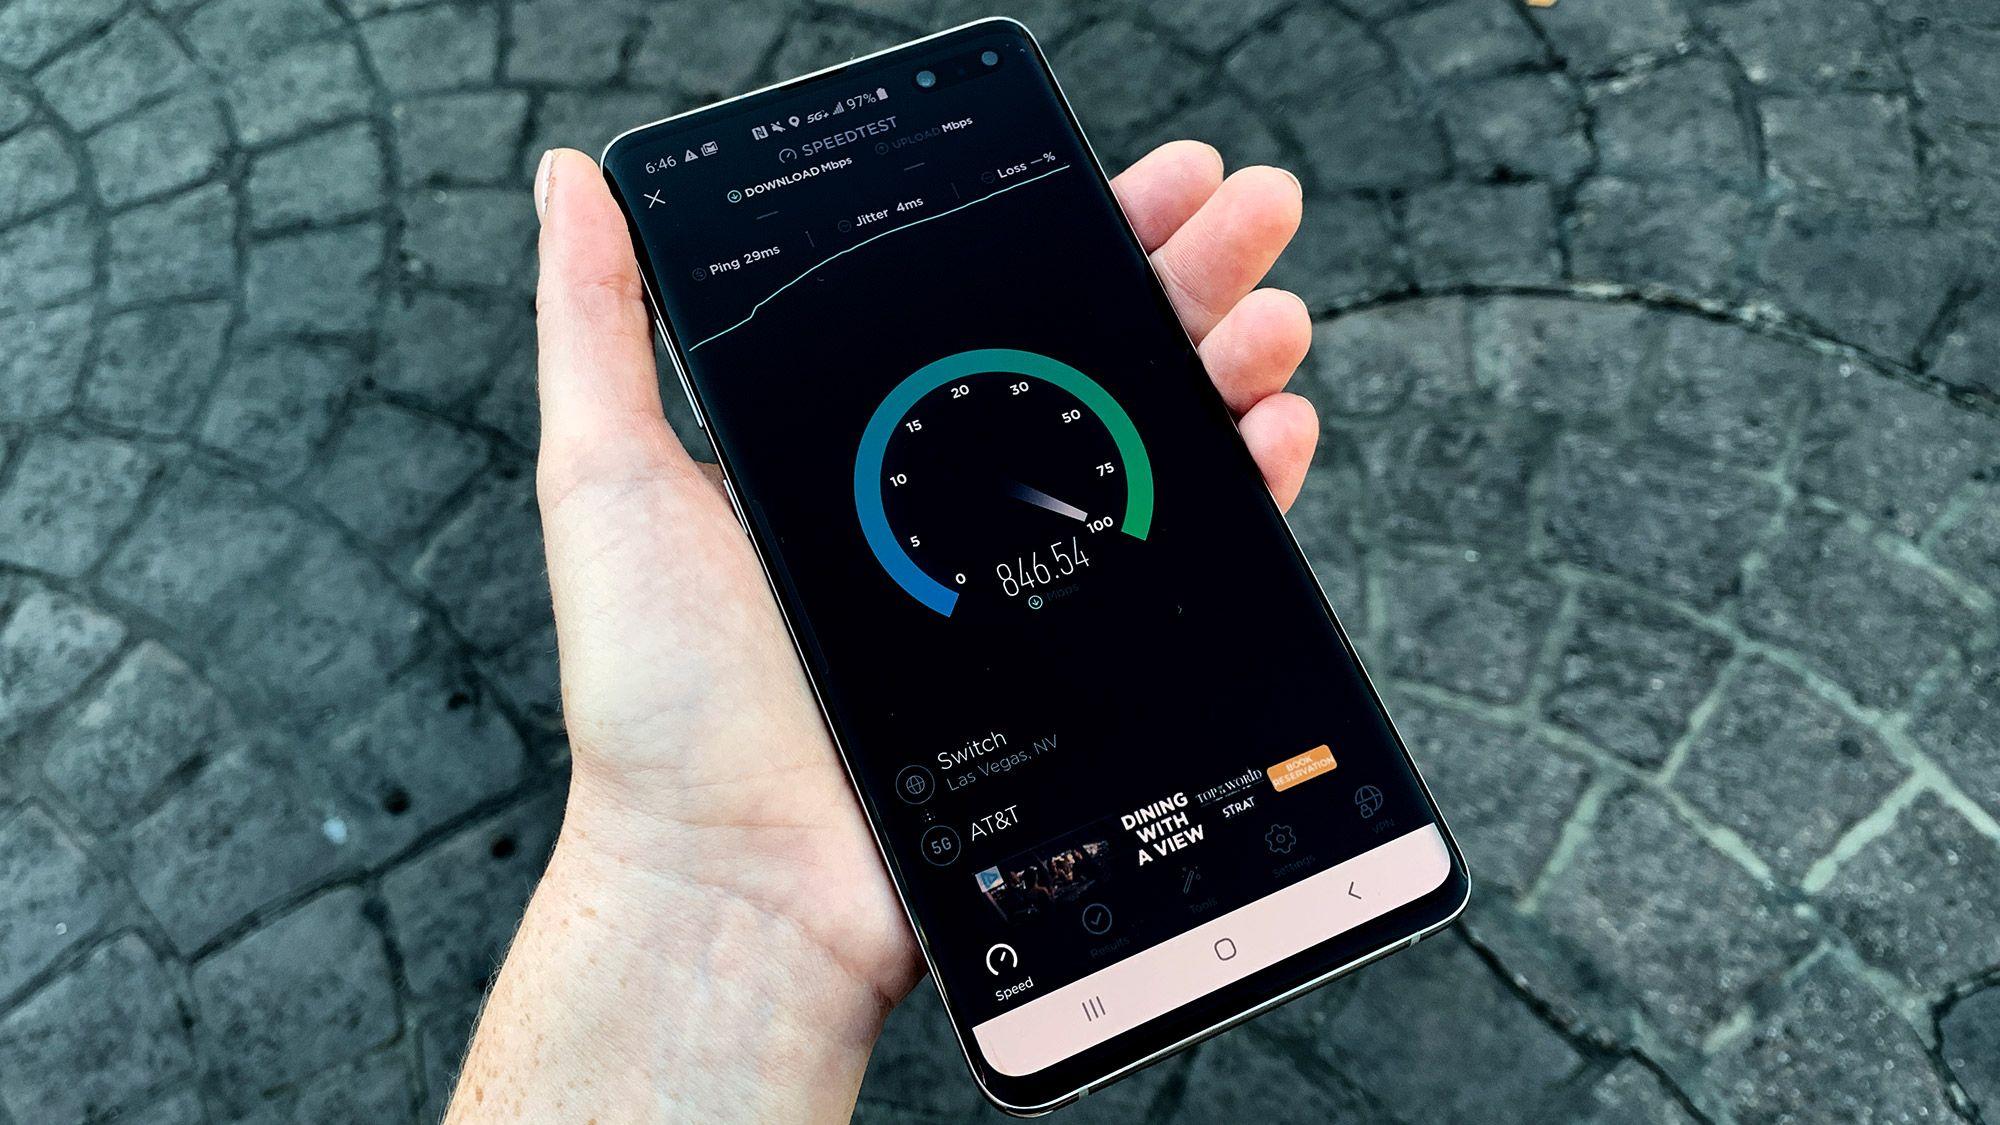 IFA 19: Samsung Galaxy A90 5G mengungguli Galaxy S10 5G dalam kualitas-harga? 1